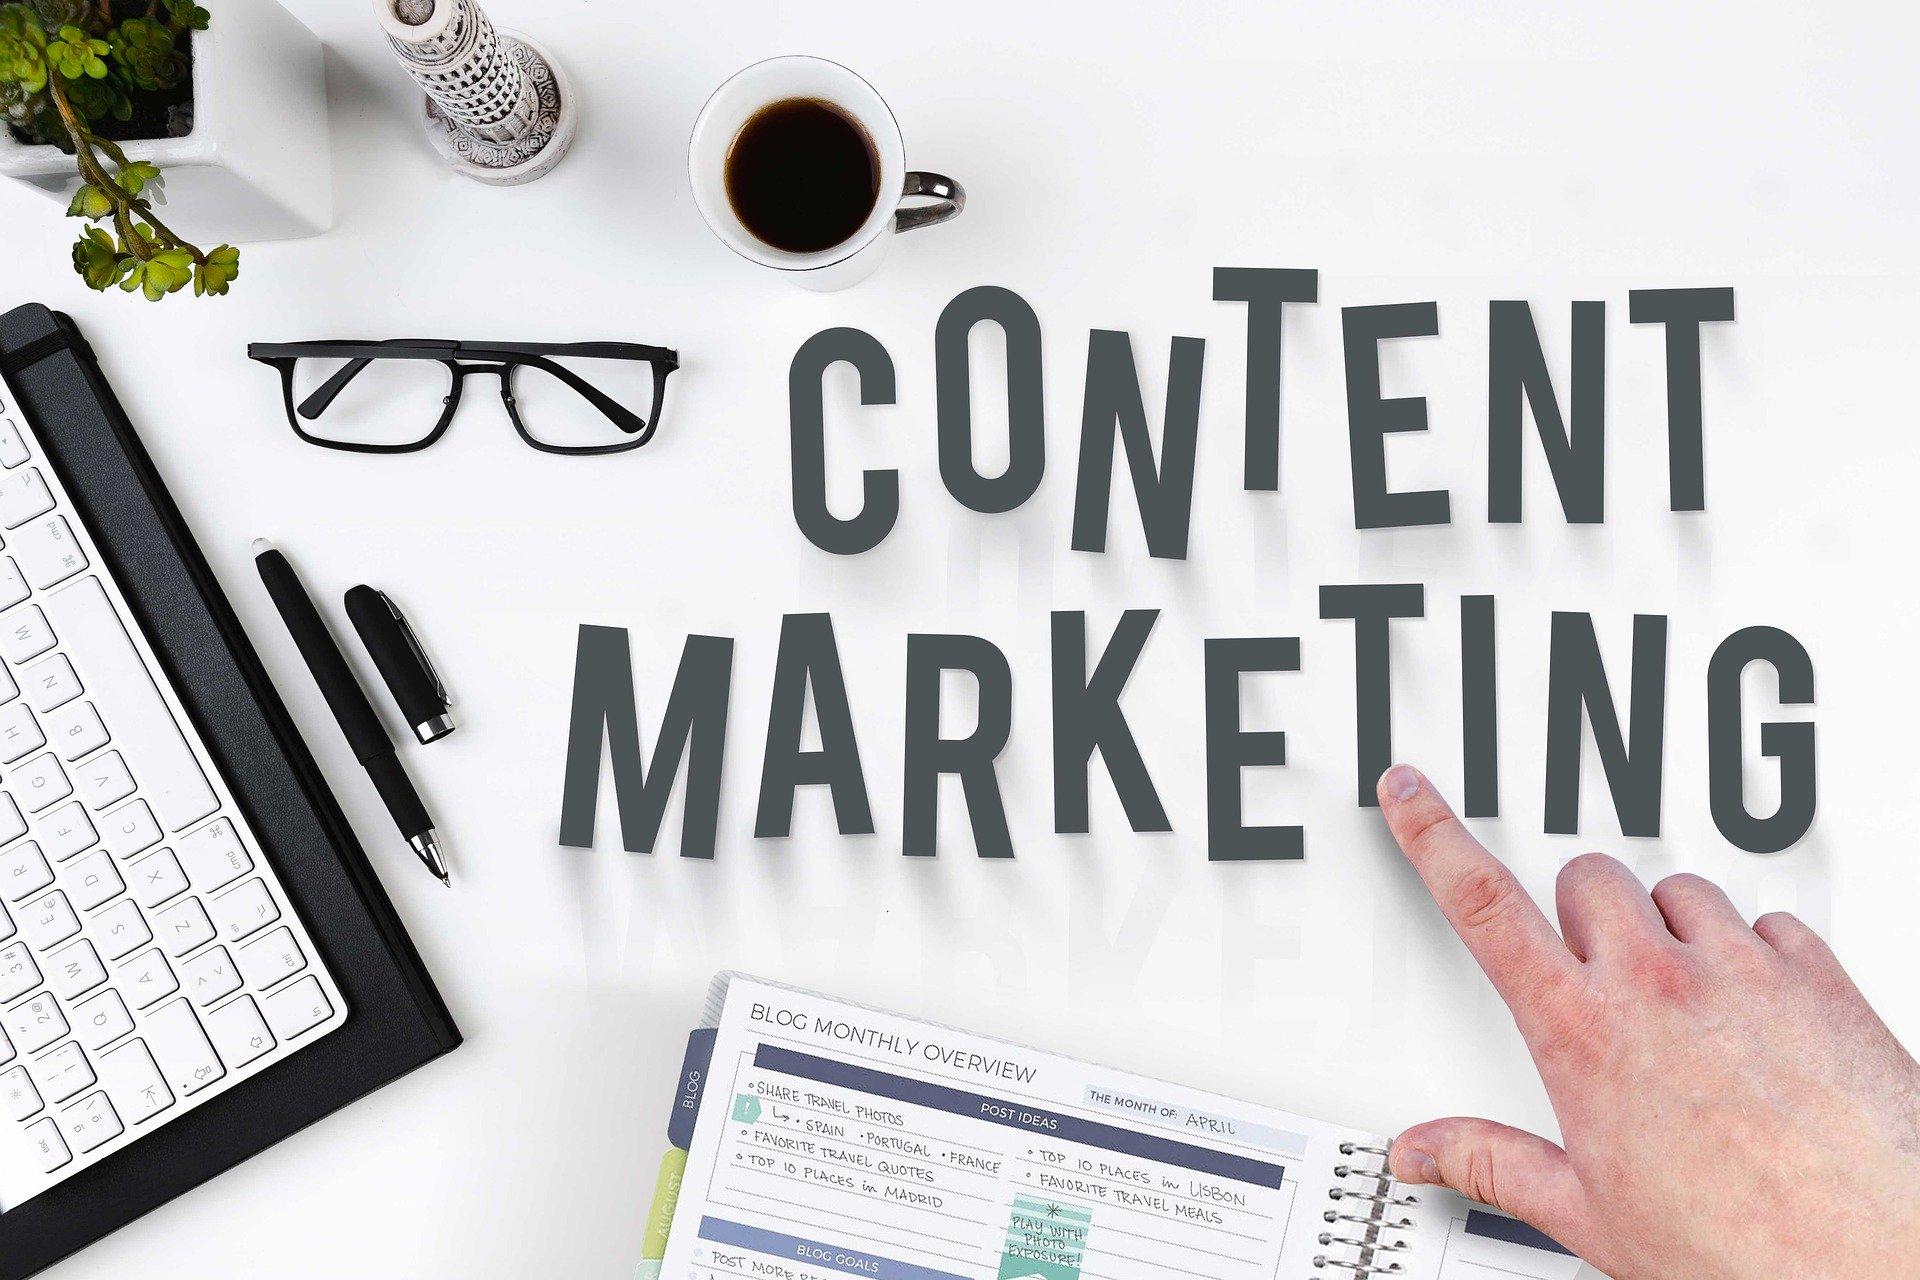 Bí quyết bùng nổ Content Marketing hiệu quả